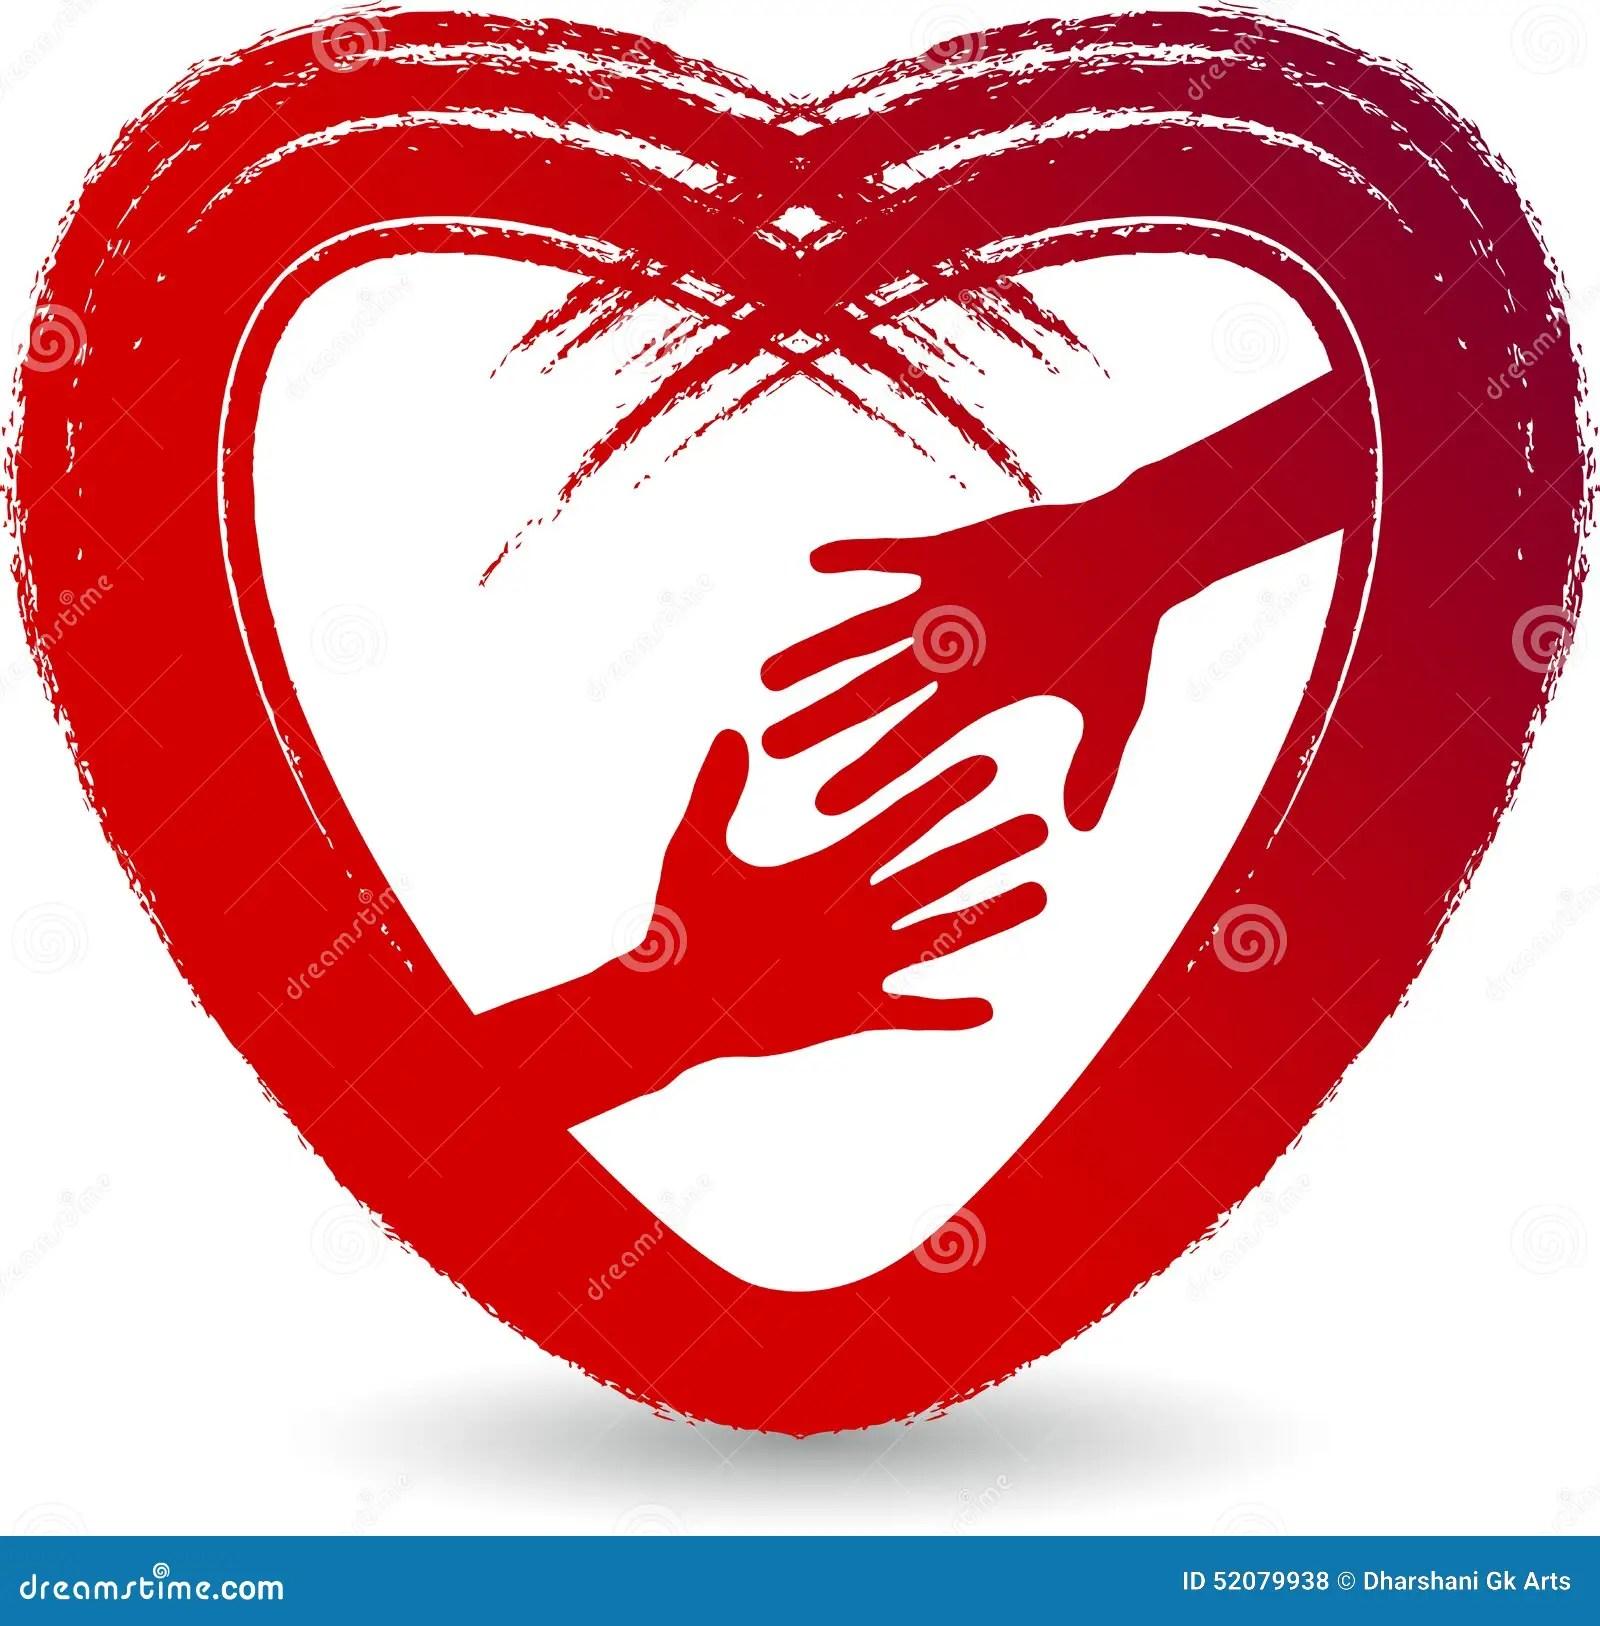 love care logo stock